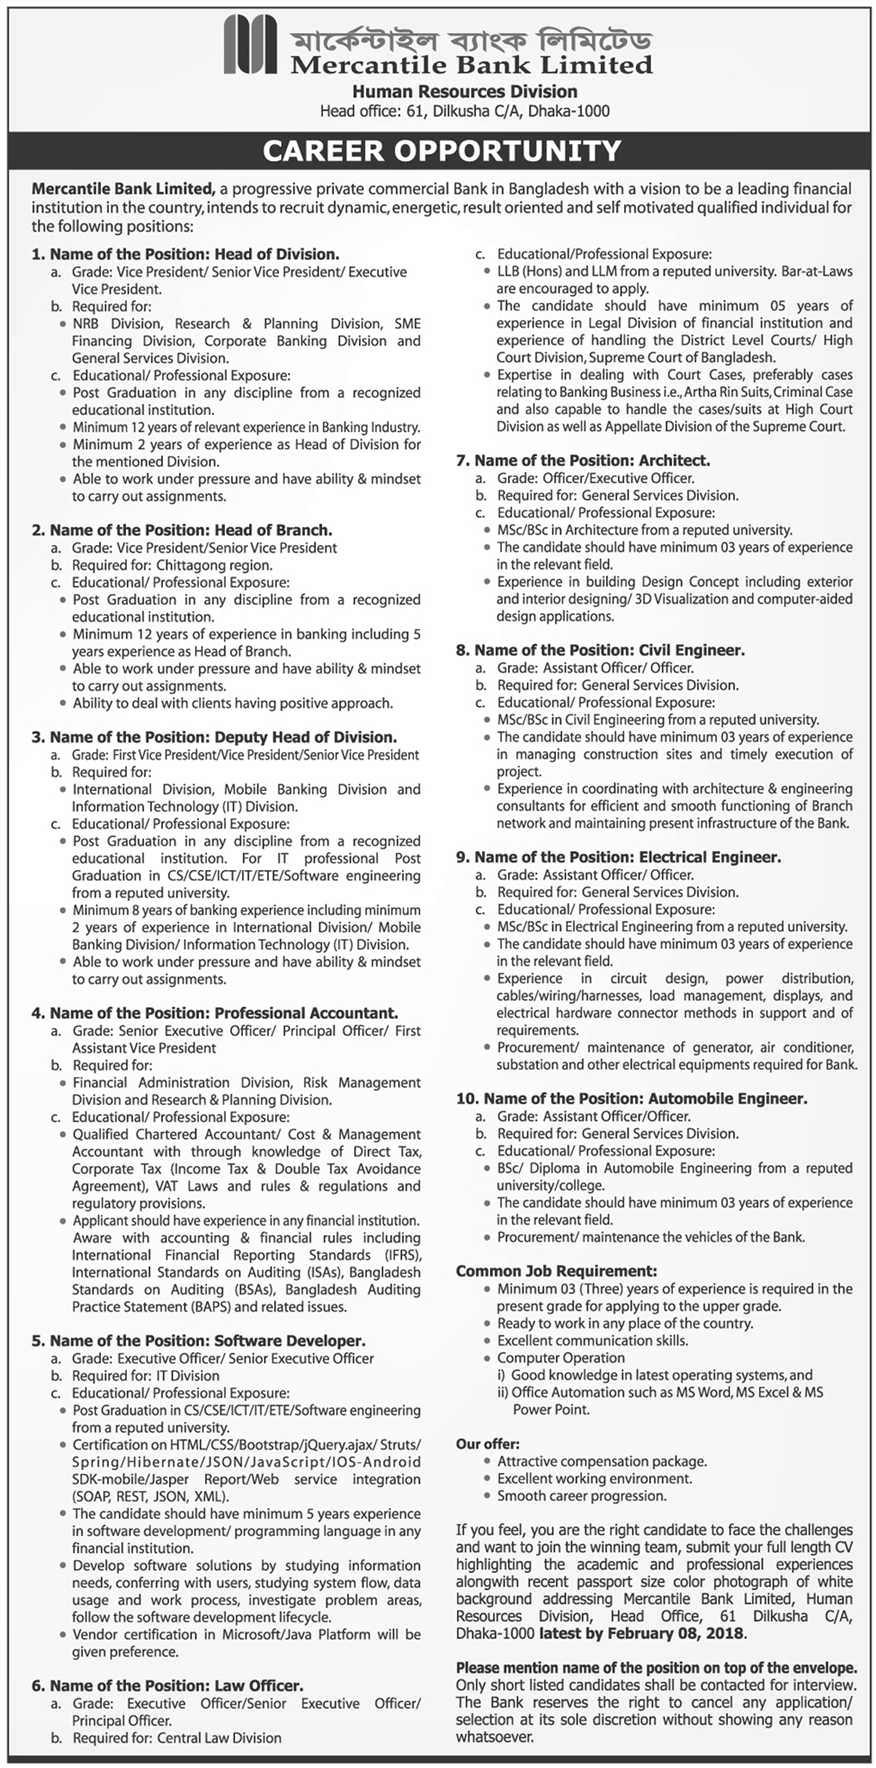 Mercantile Bank Limited Job Circular 2018